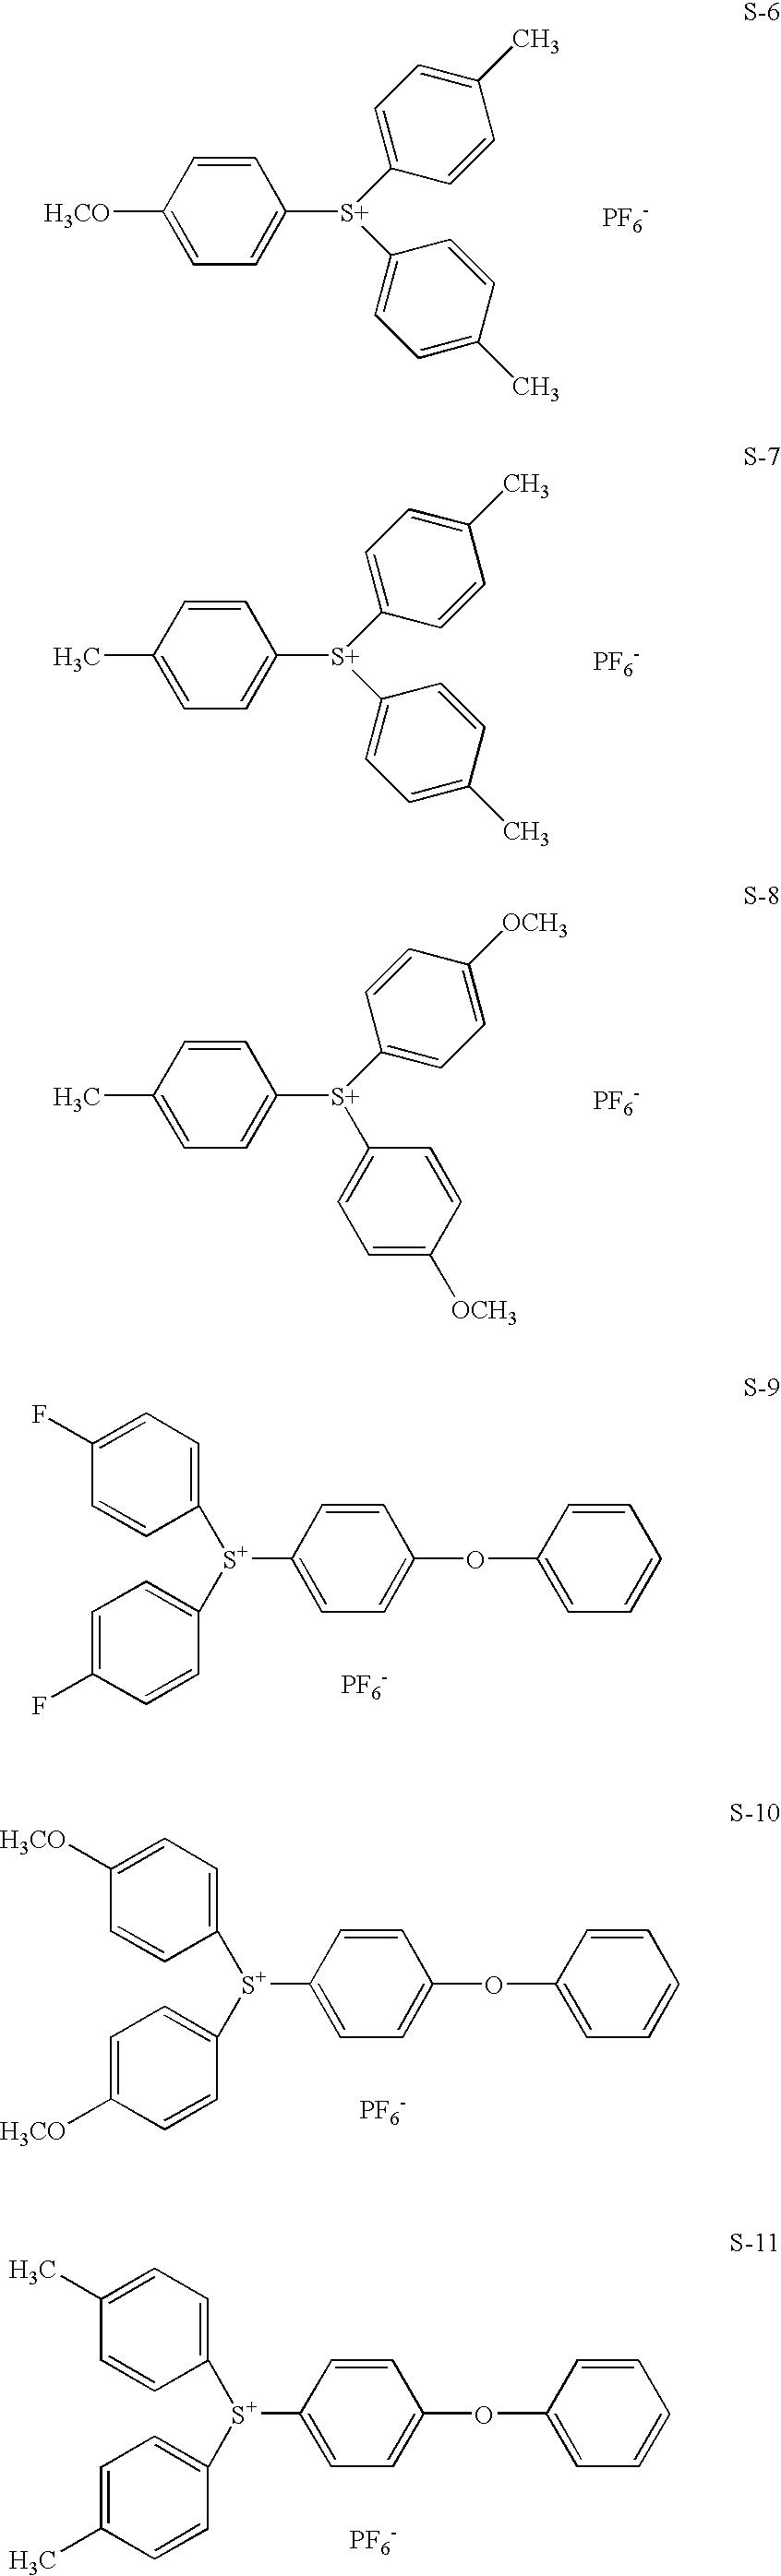 Figure US07473718-20090106-C00016